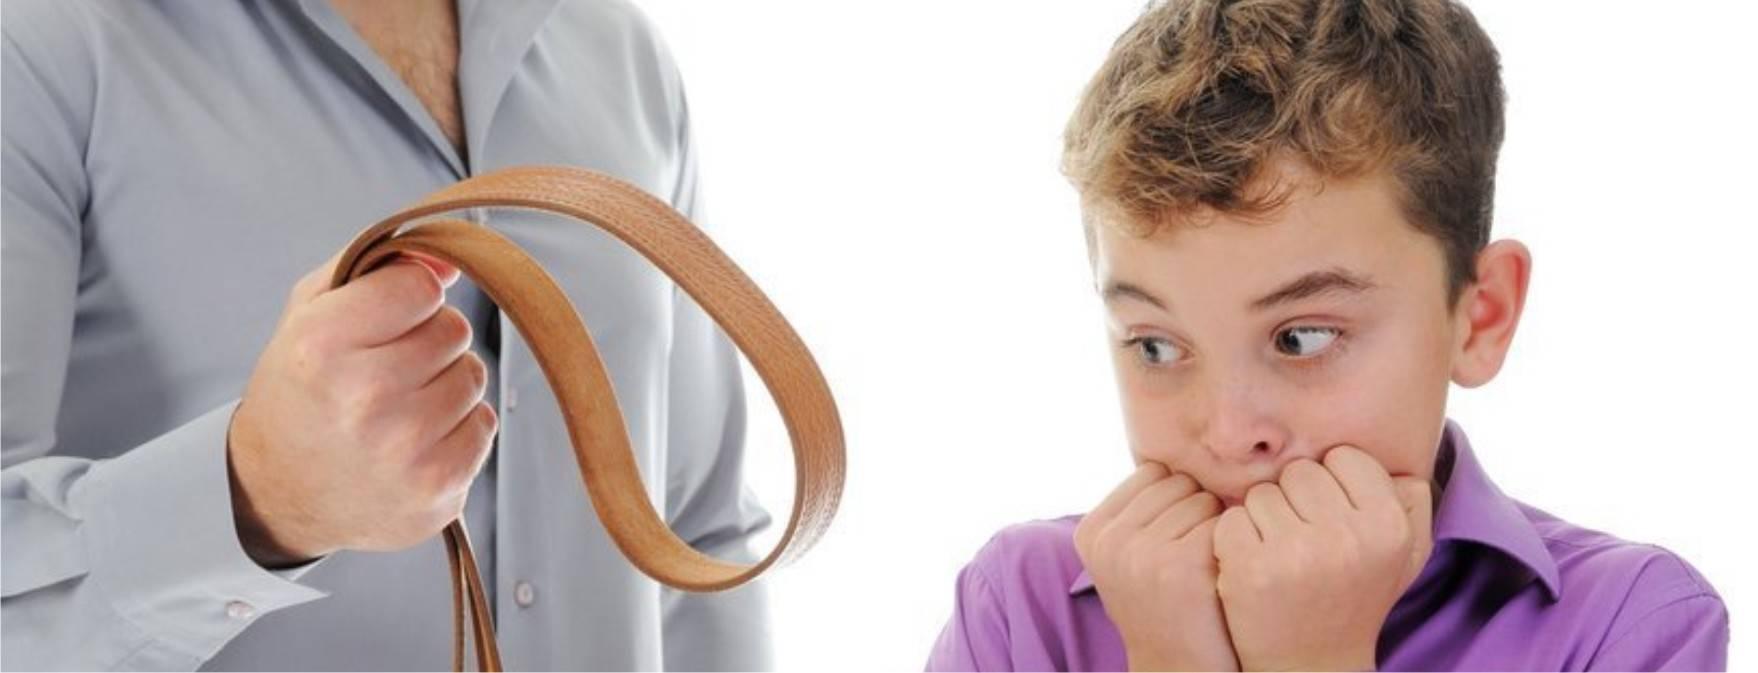 Воспитание ребенка: бить или не бить?